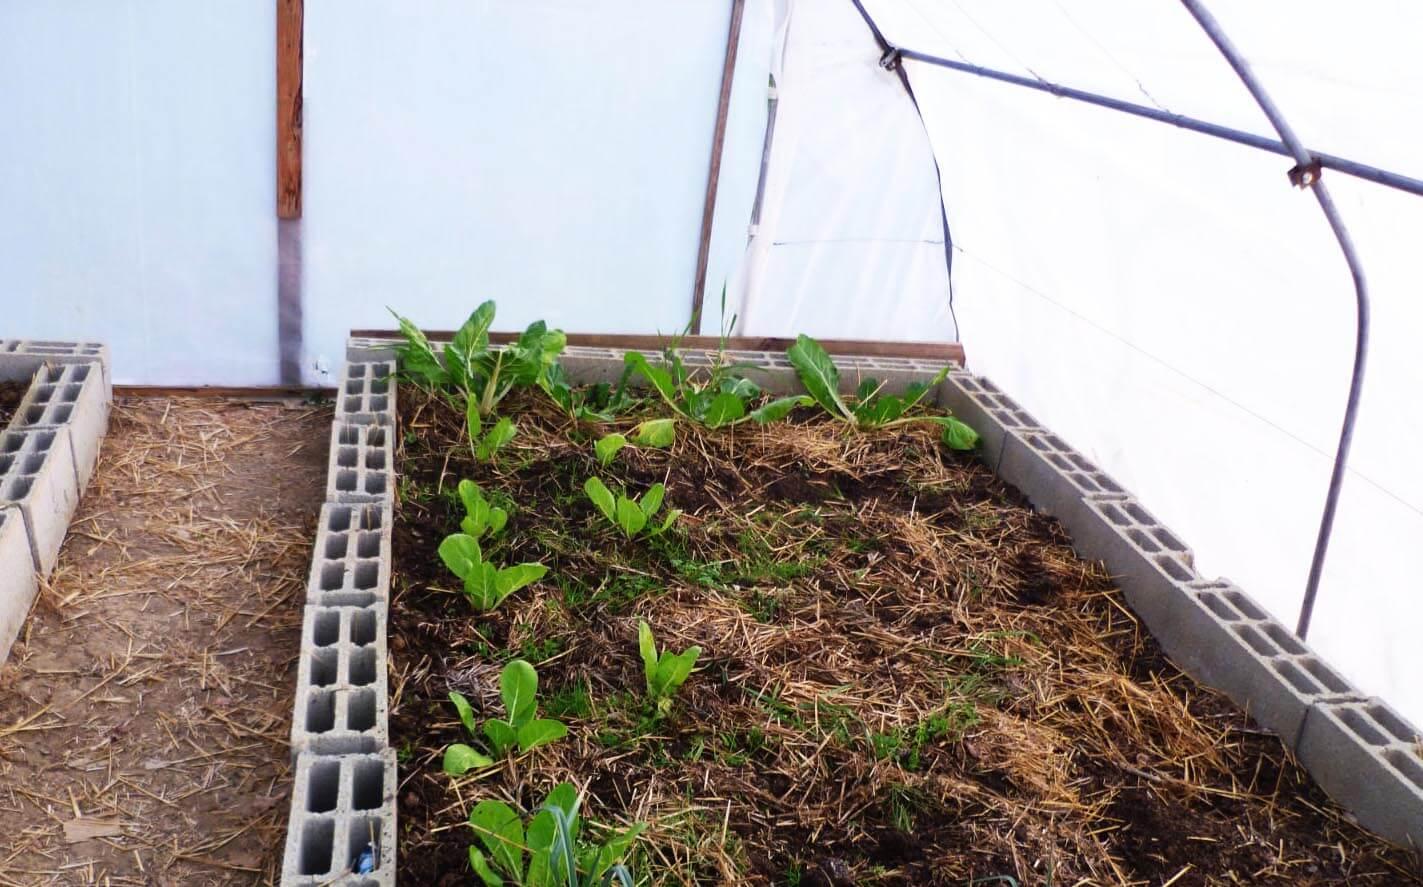 Comment Fabriquer Votre Serre ? - Le Blog De Jardinet.fr serapportantà Fabriquer Une Serre De Jardin